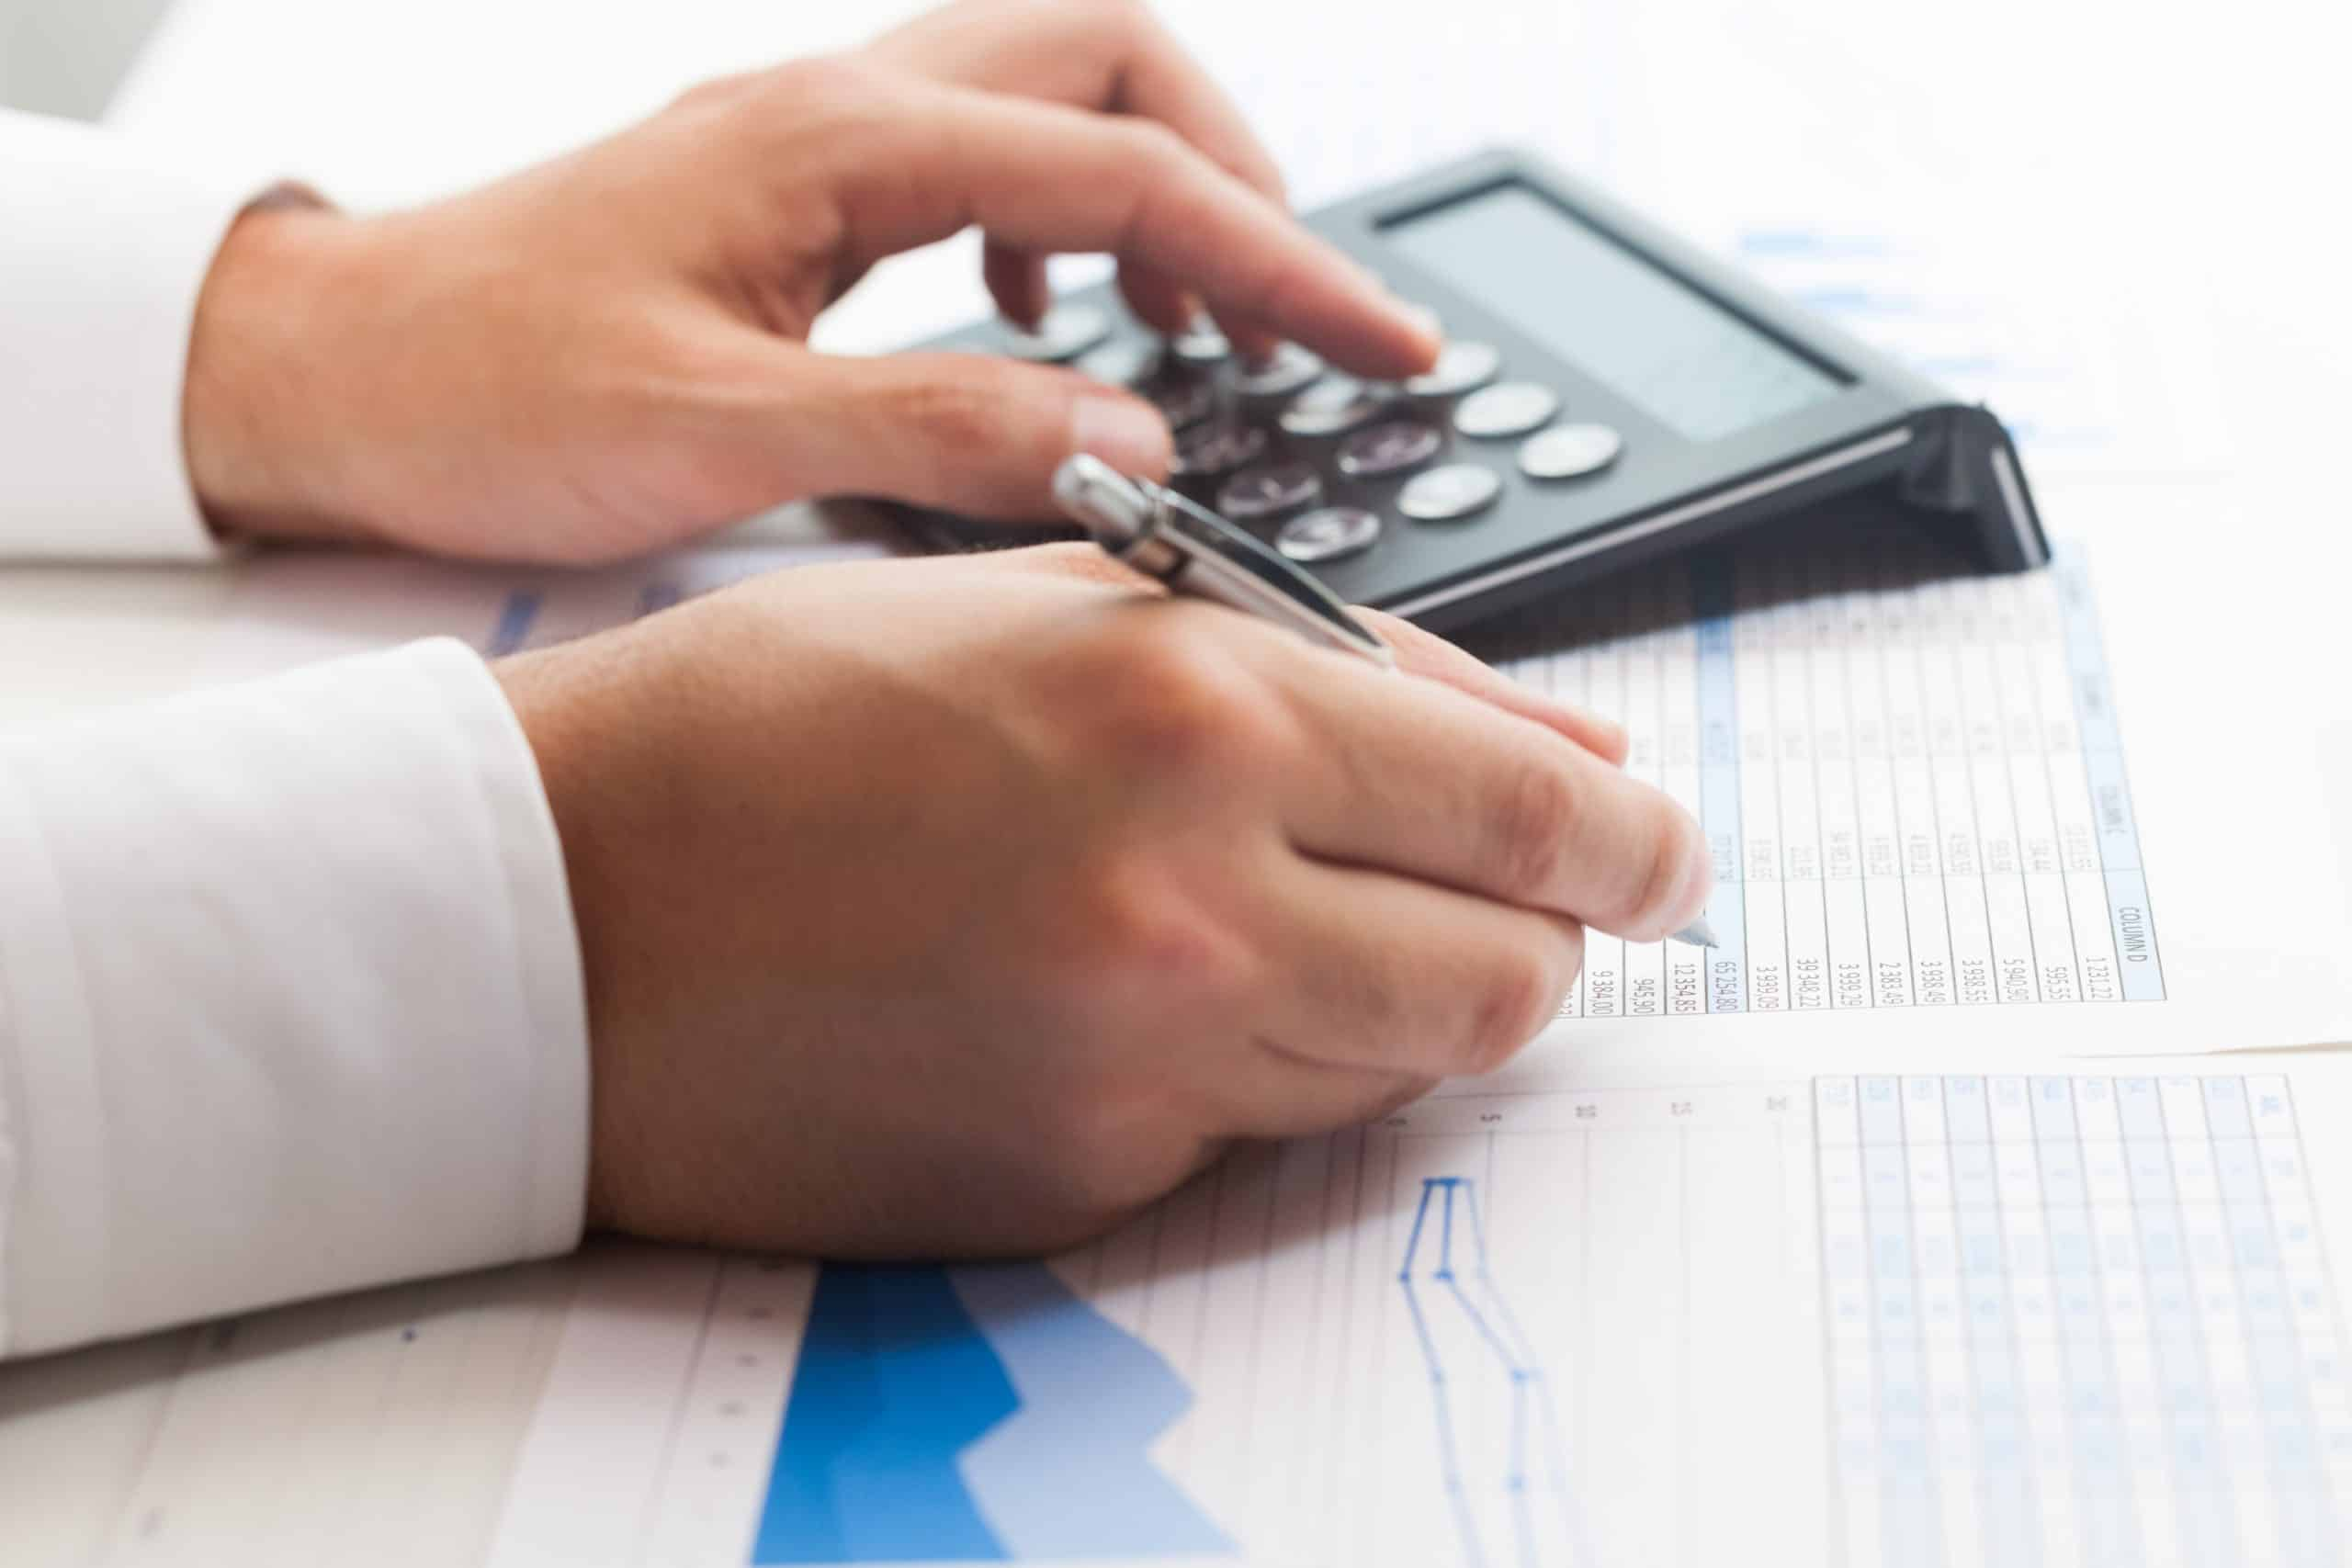 Dokumente-Zollgebühren-&-Steuern